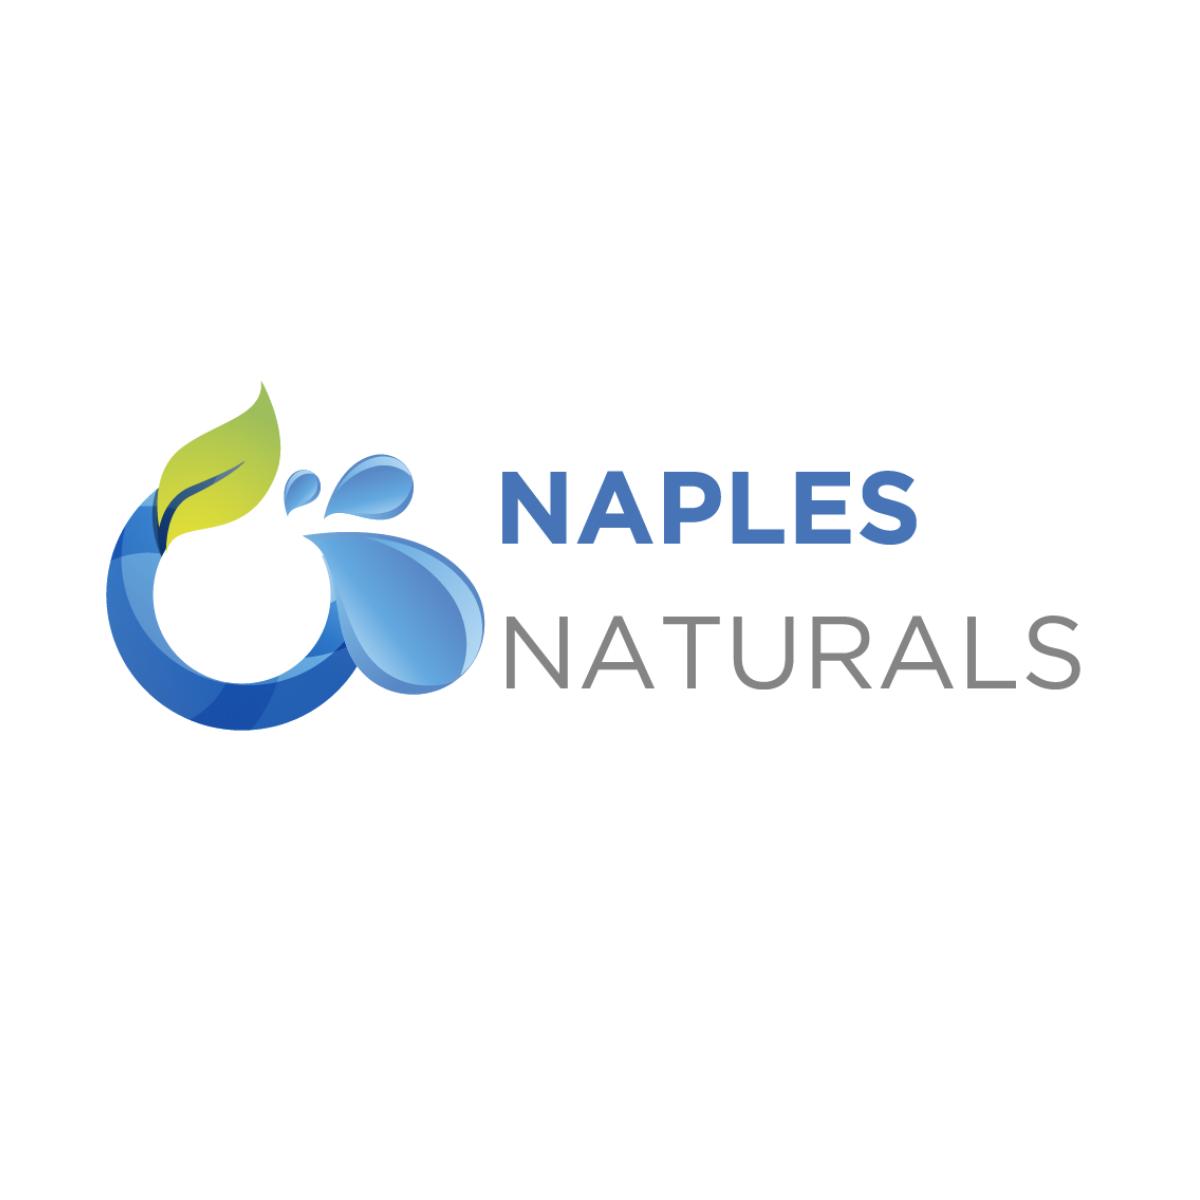 Naples Naturals